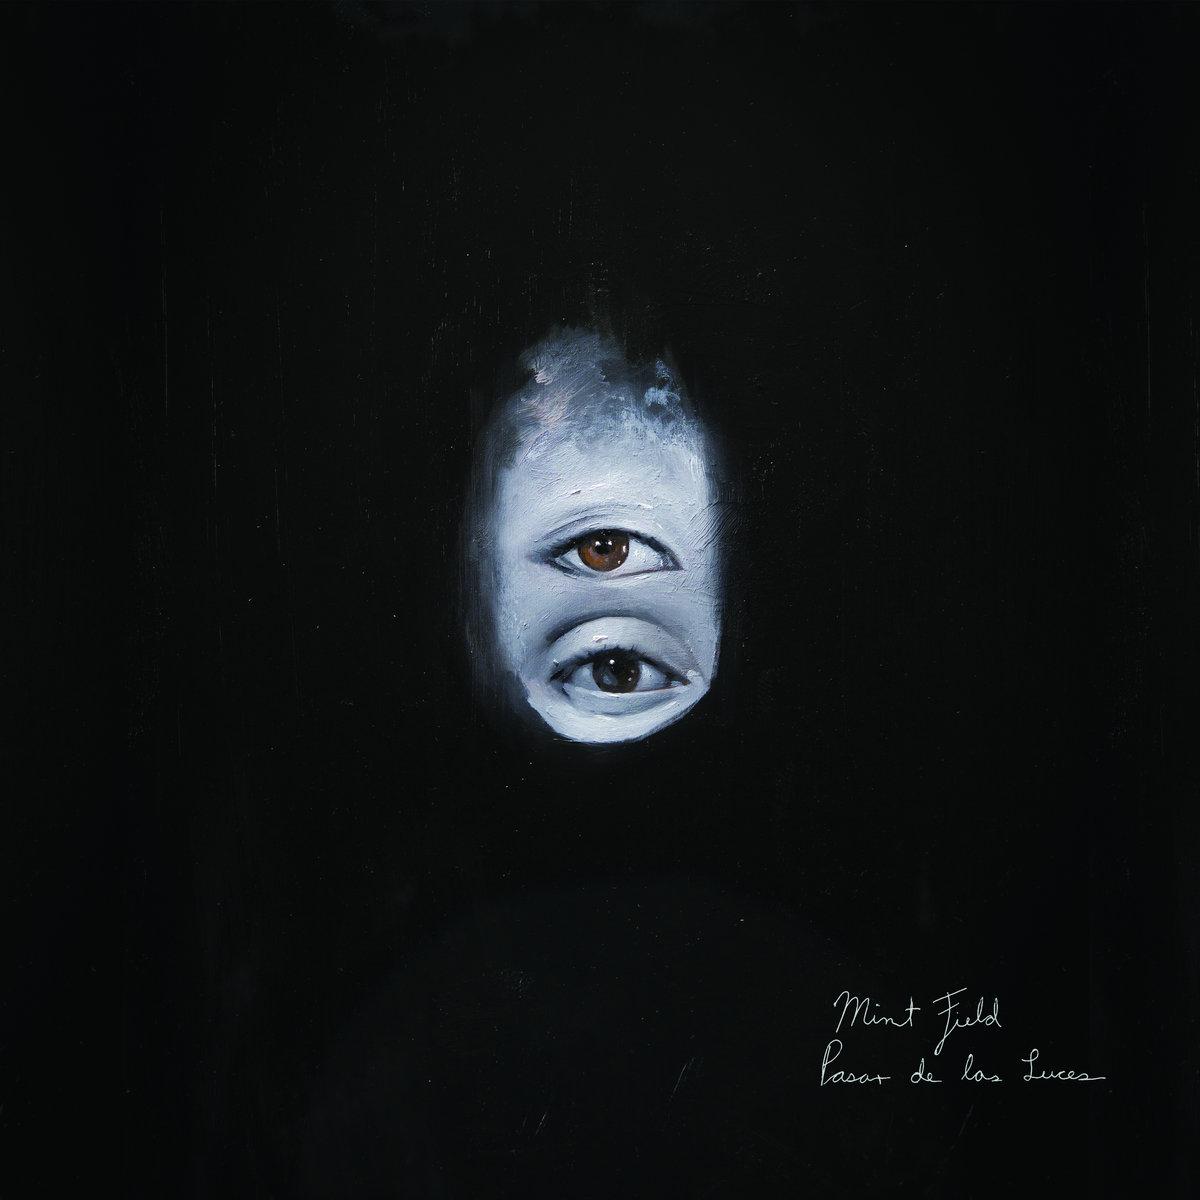 """couverture de l'album """"Pasar de las luces"""" de Mint Field"""